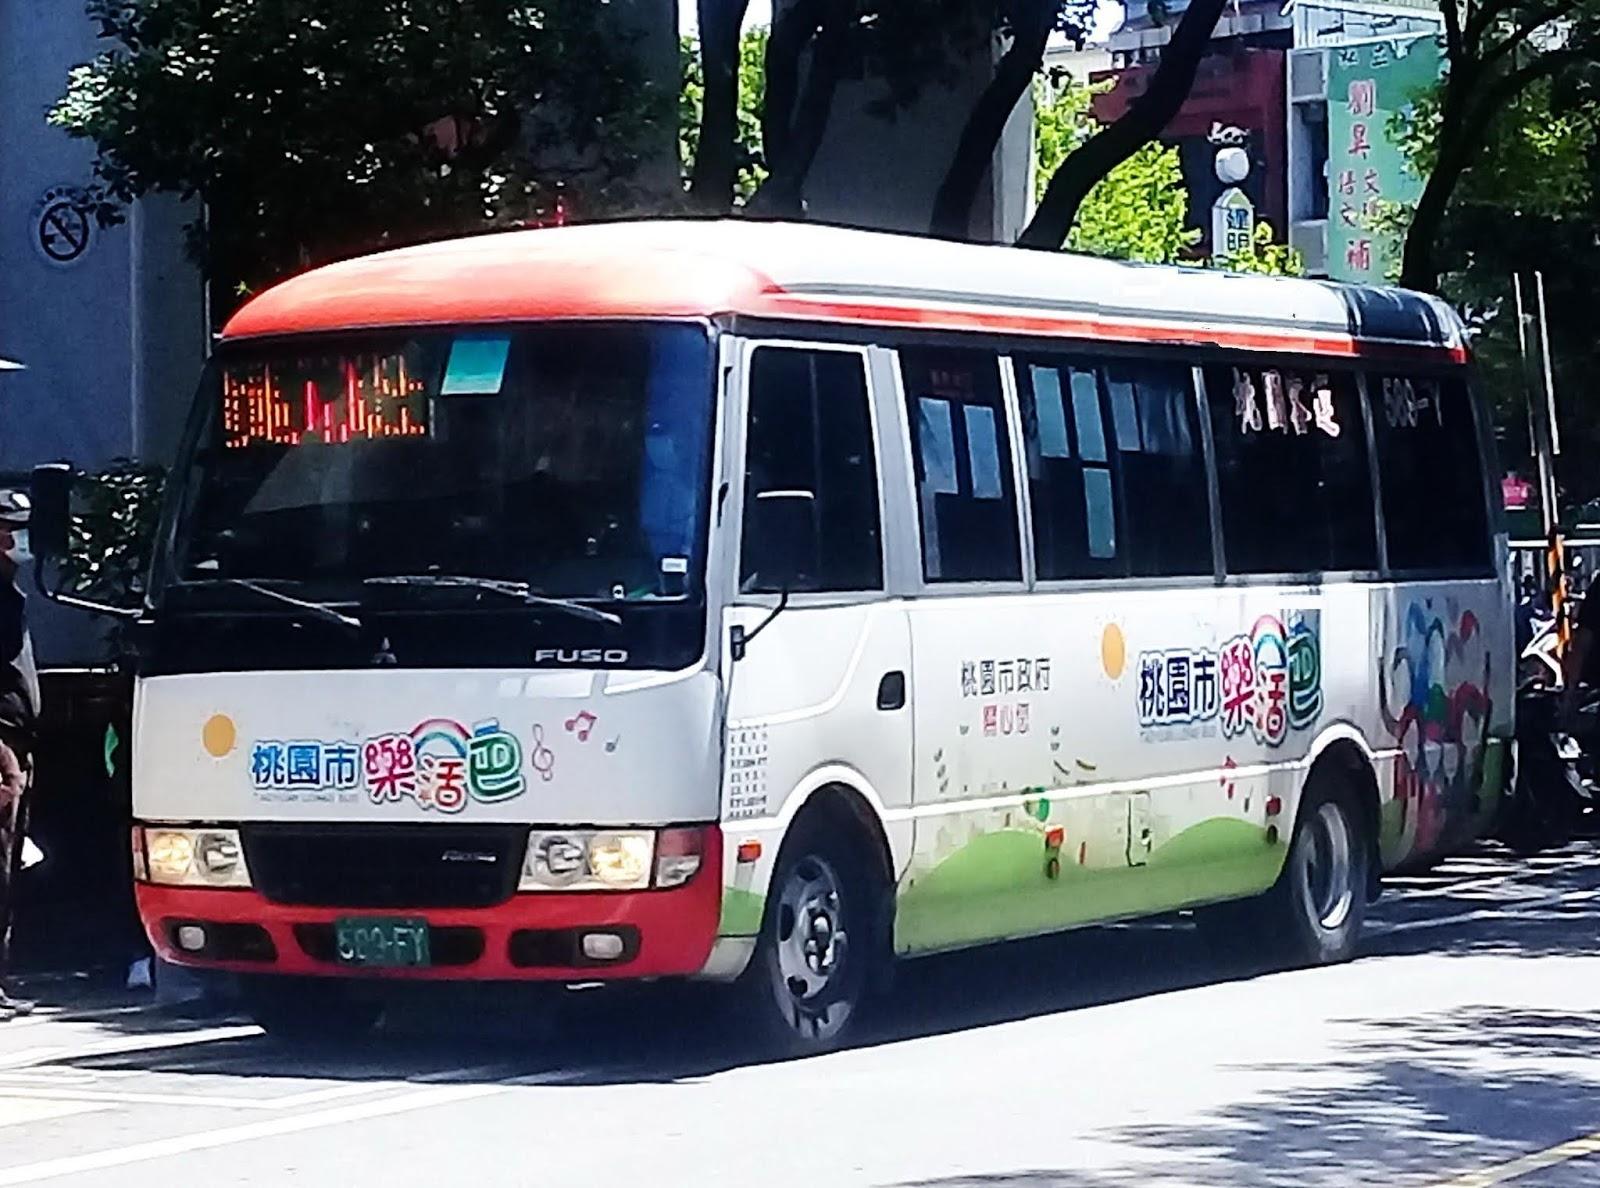 就是愛公車: 20200713 L720 龍潭區衛生所-北水局 搭乘紀錄